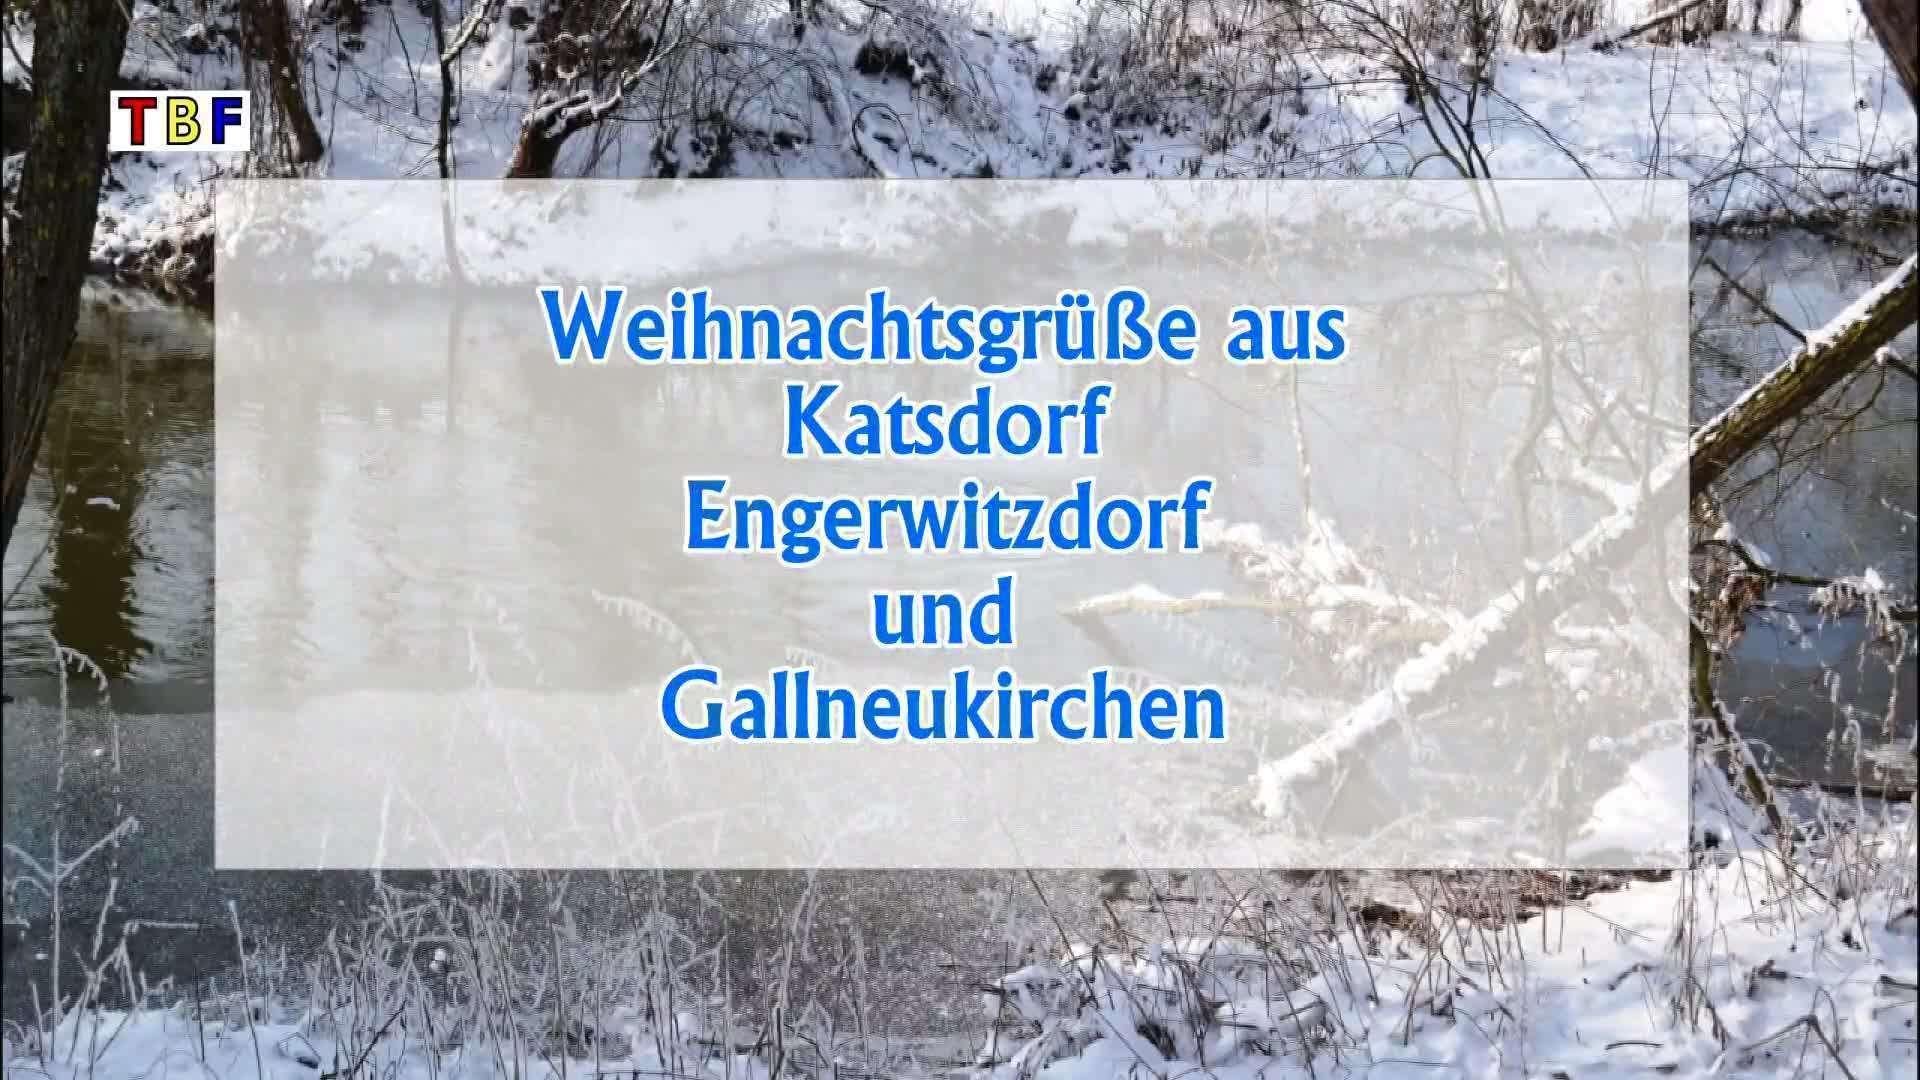 Weichnachtsgrüße aus Katsdorf, Engerwitzdorf und Gallneukirchen